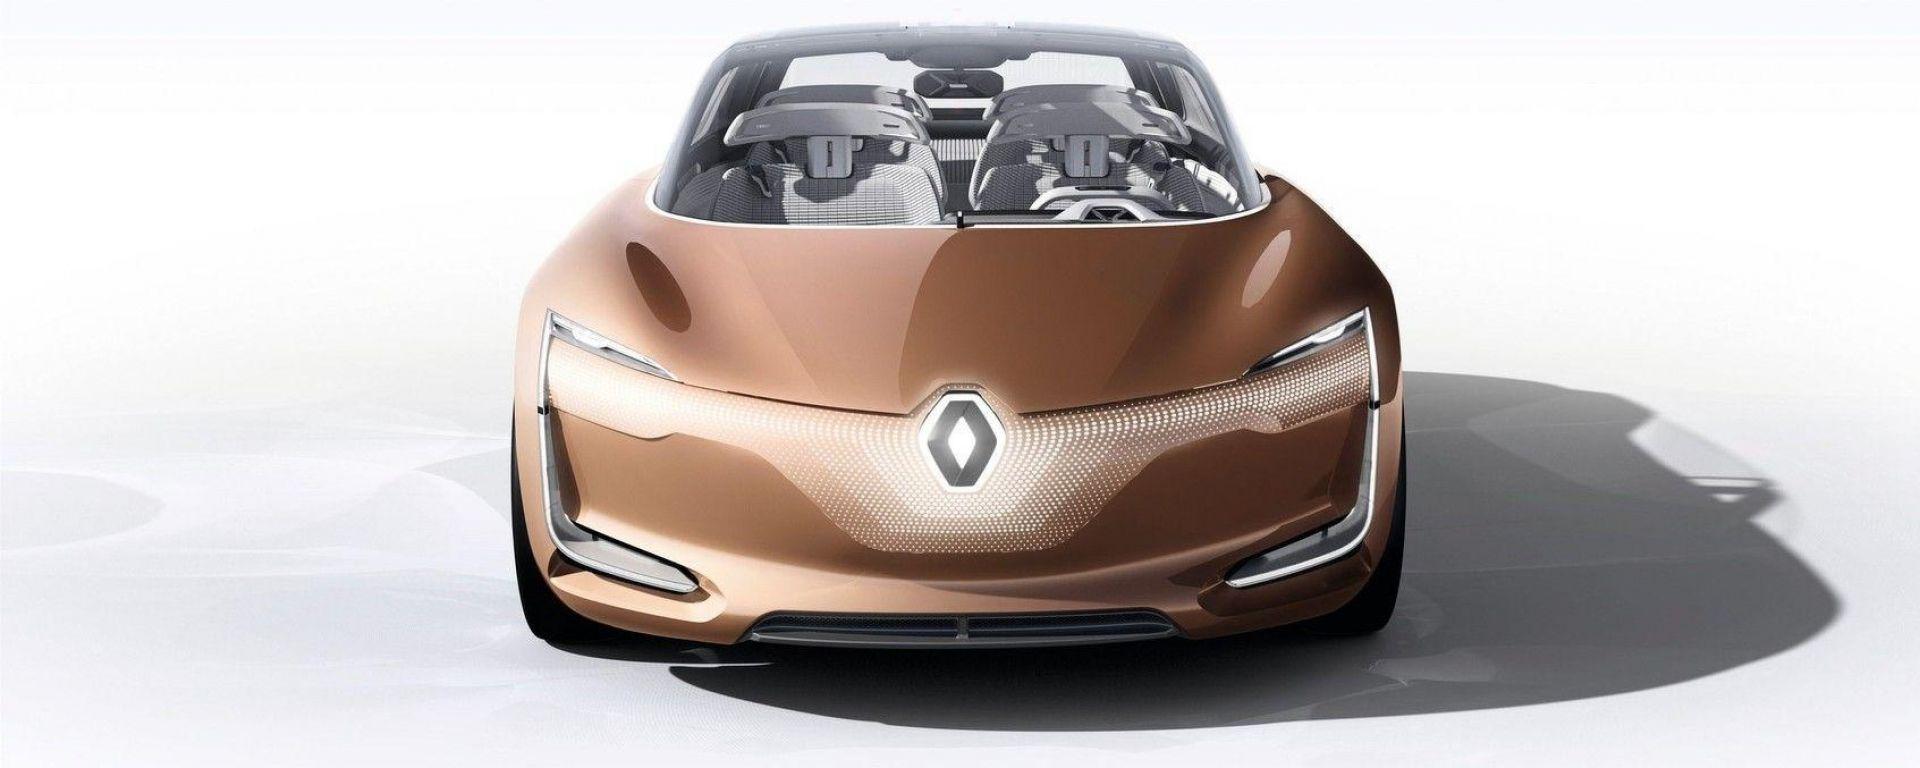 Nuova Renault Clio 2019: ci si vede a Parigi?